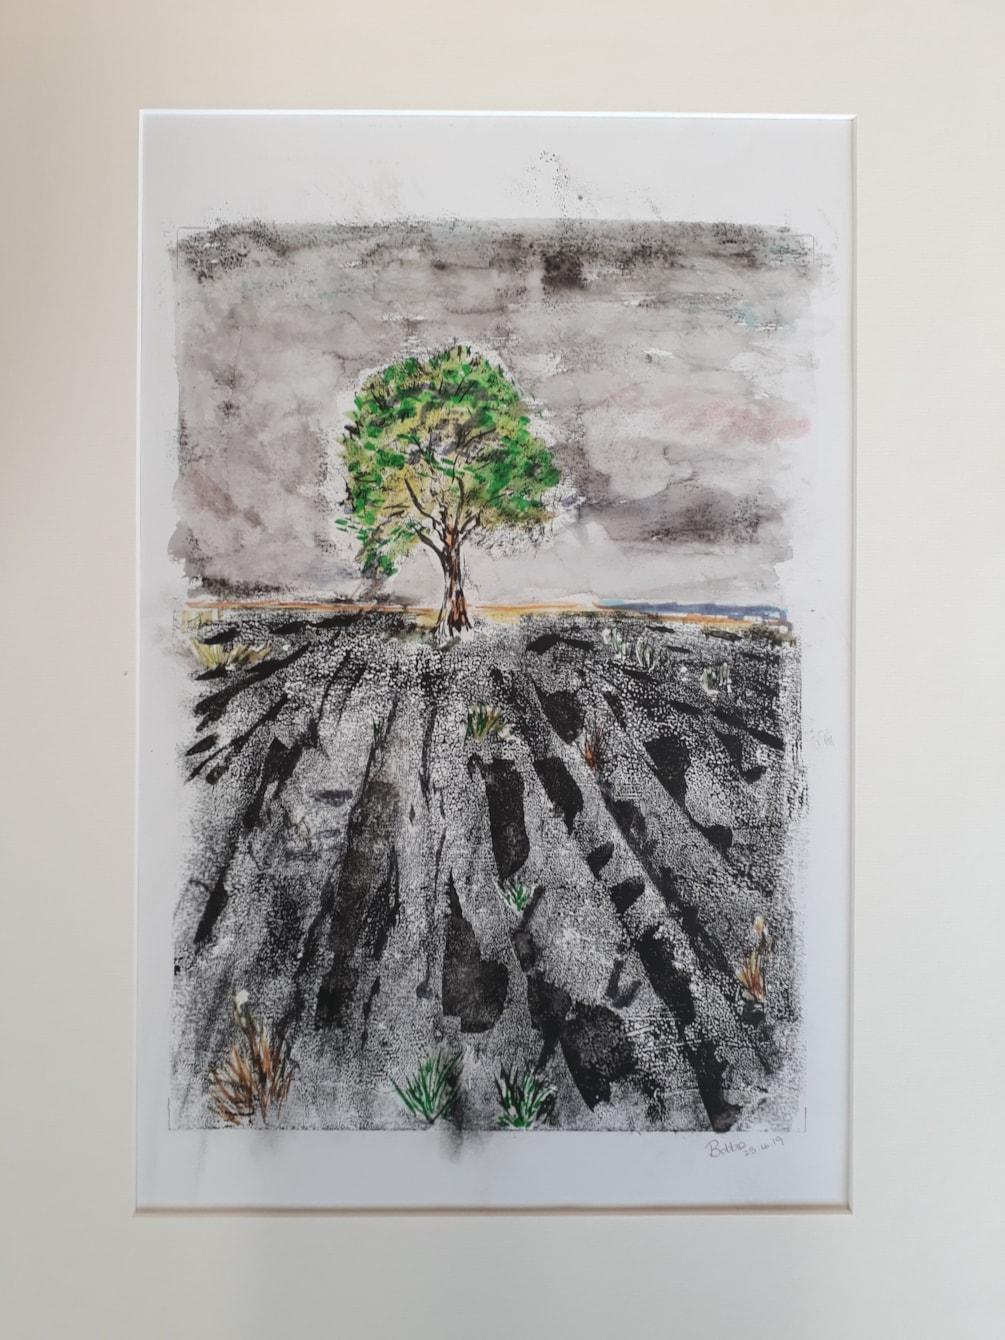 The Malham Tree - Mixed Media (Monoprint) - V1 with Mount